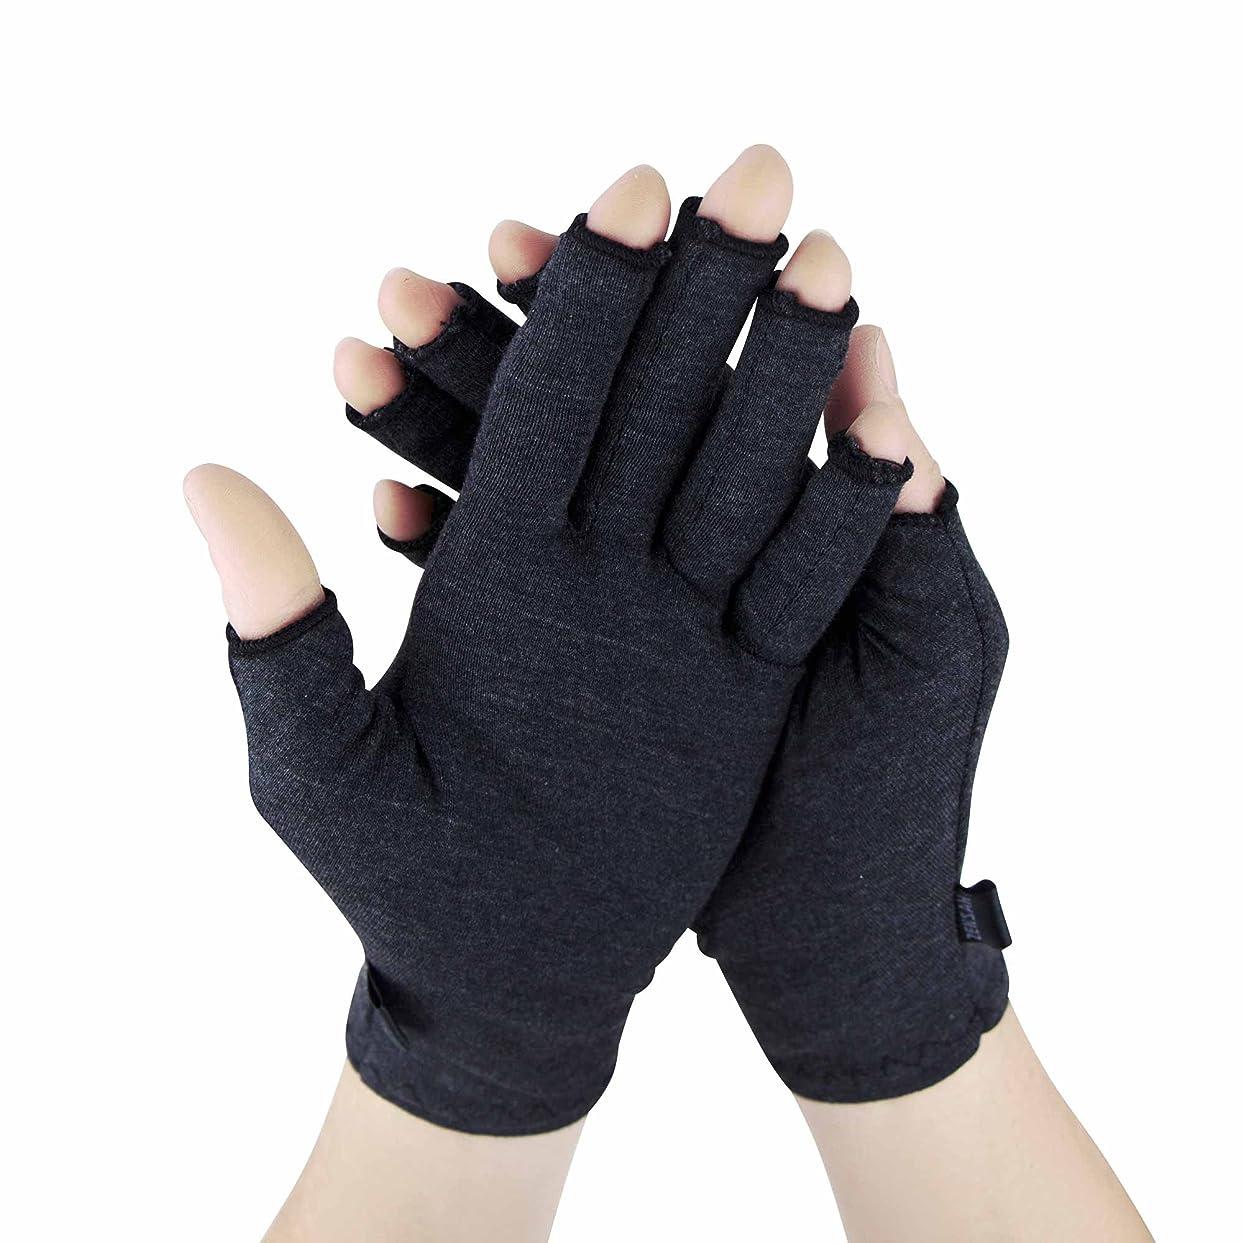 命令的ケーブルカーぐるぐるZensah圧縮手袋